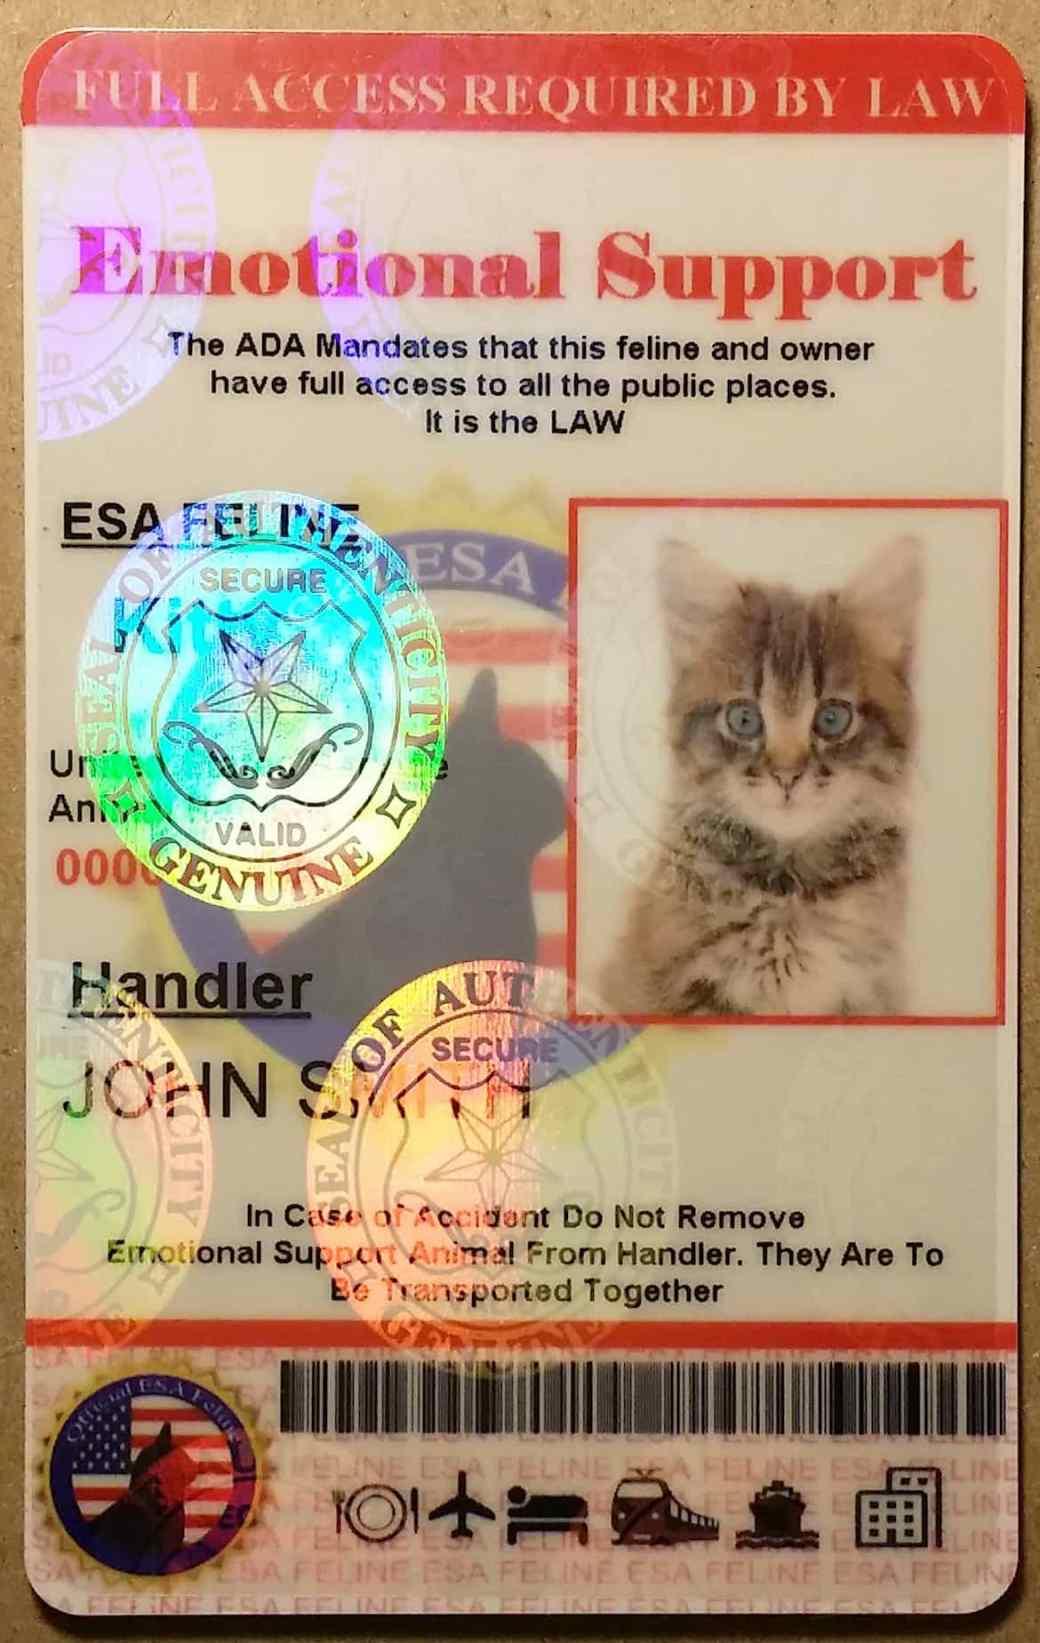 Los dueños de animales de apoyo emocional deben llevar consigo una tarjeta de identificación en todo momento